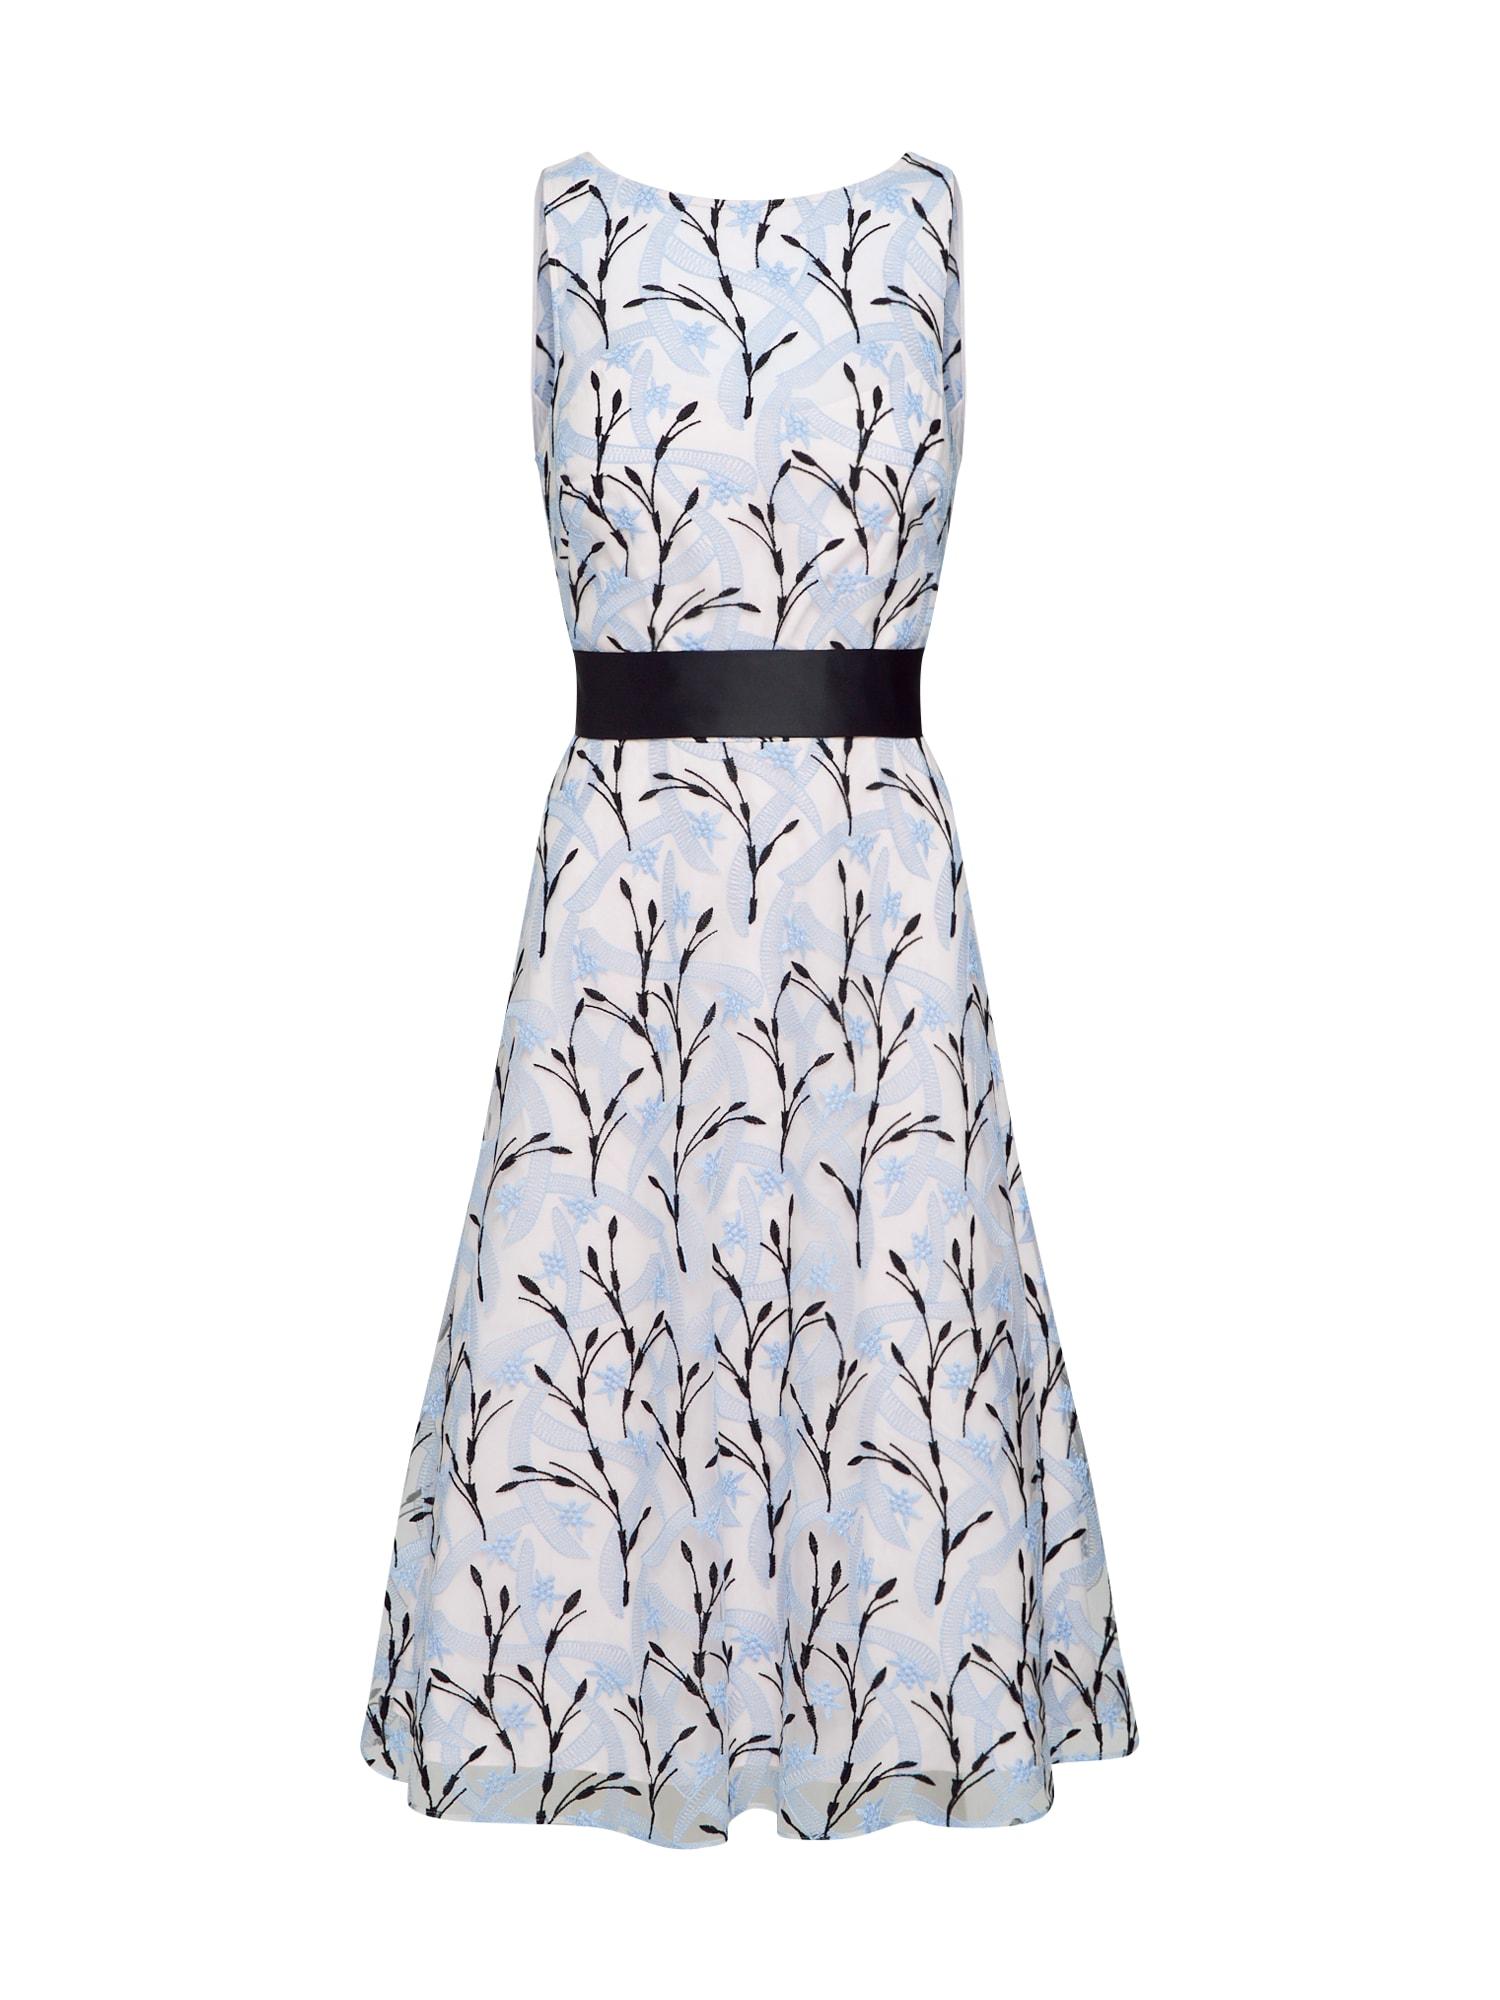 Šaty Dante Ivy Embroidered světlemodrá mix barev Coast